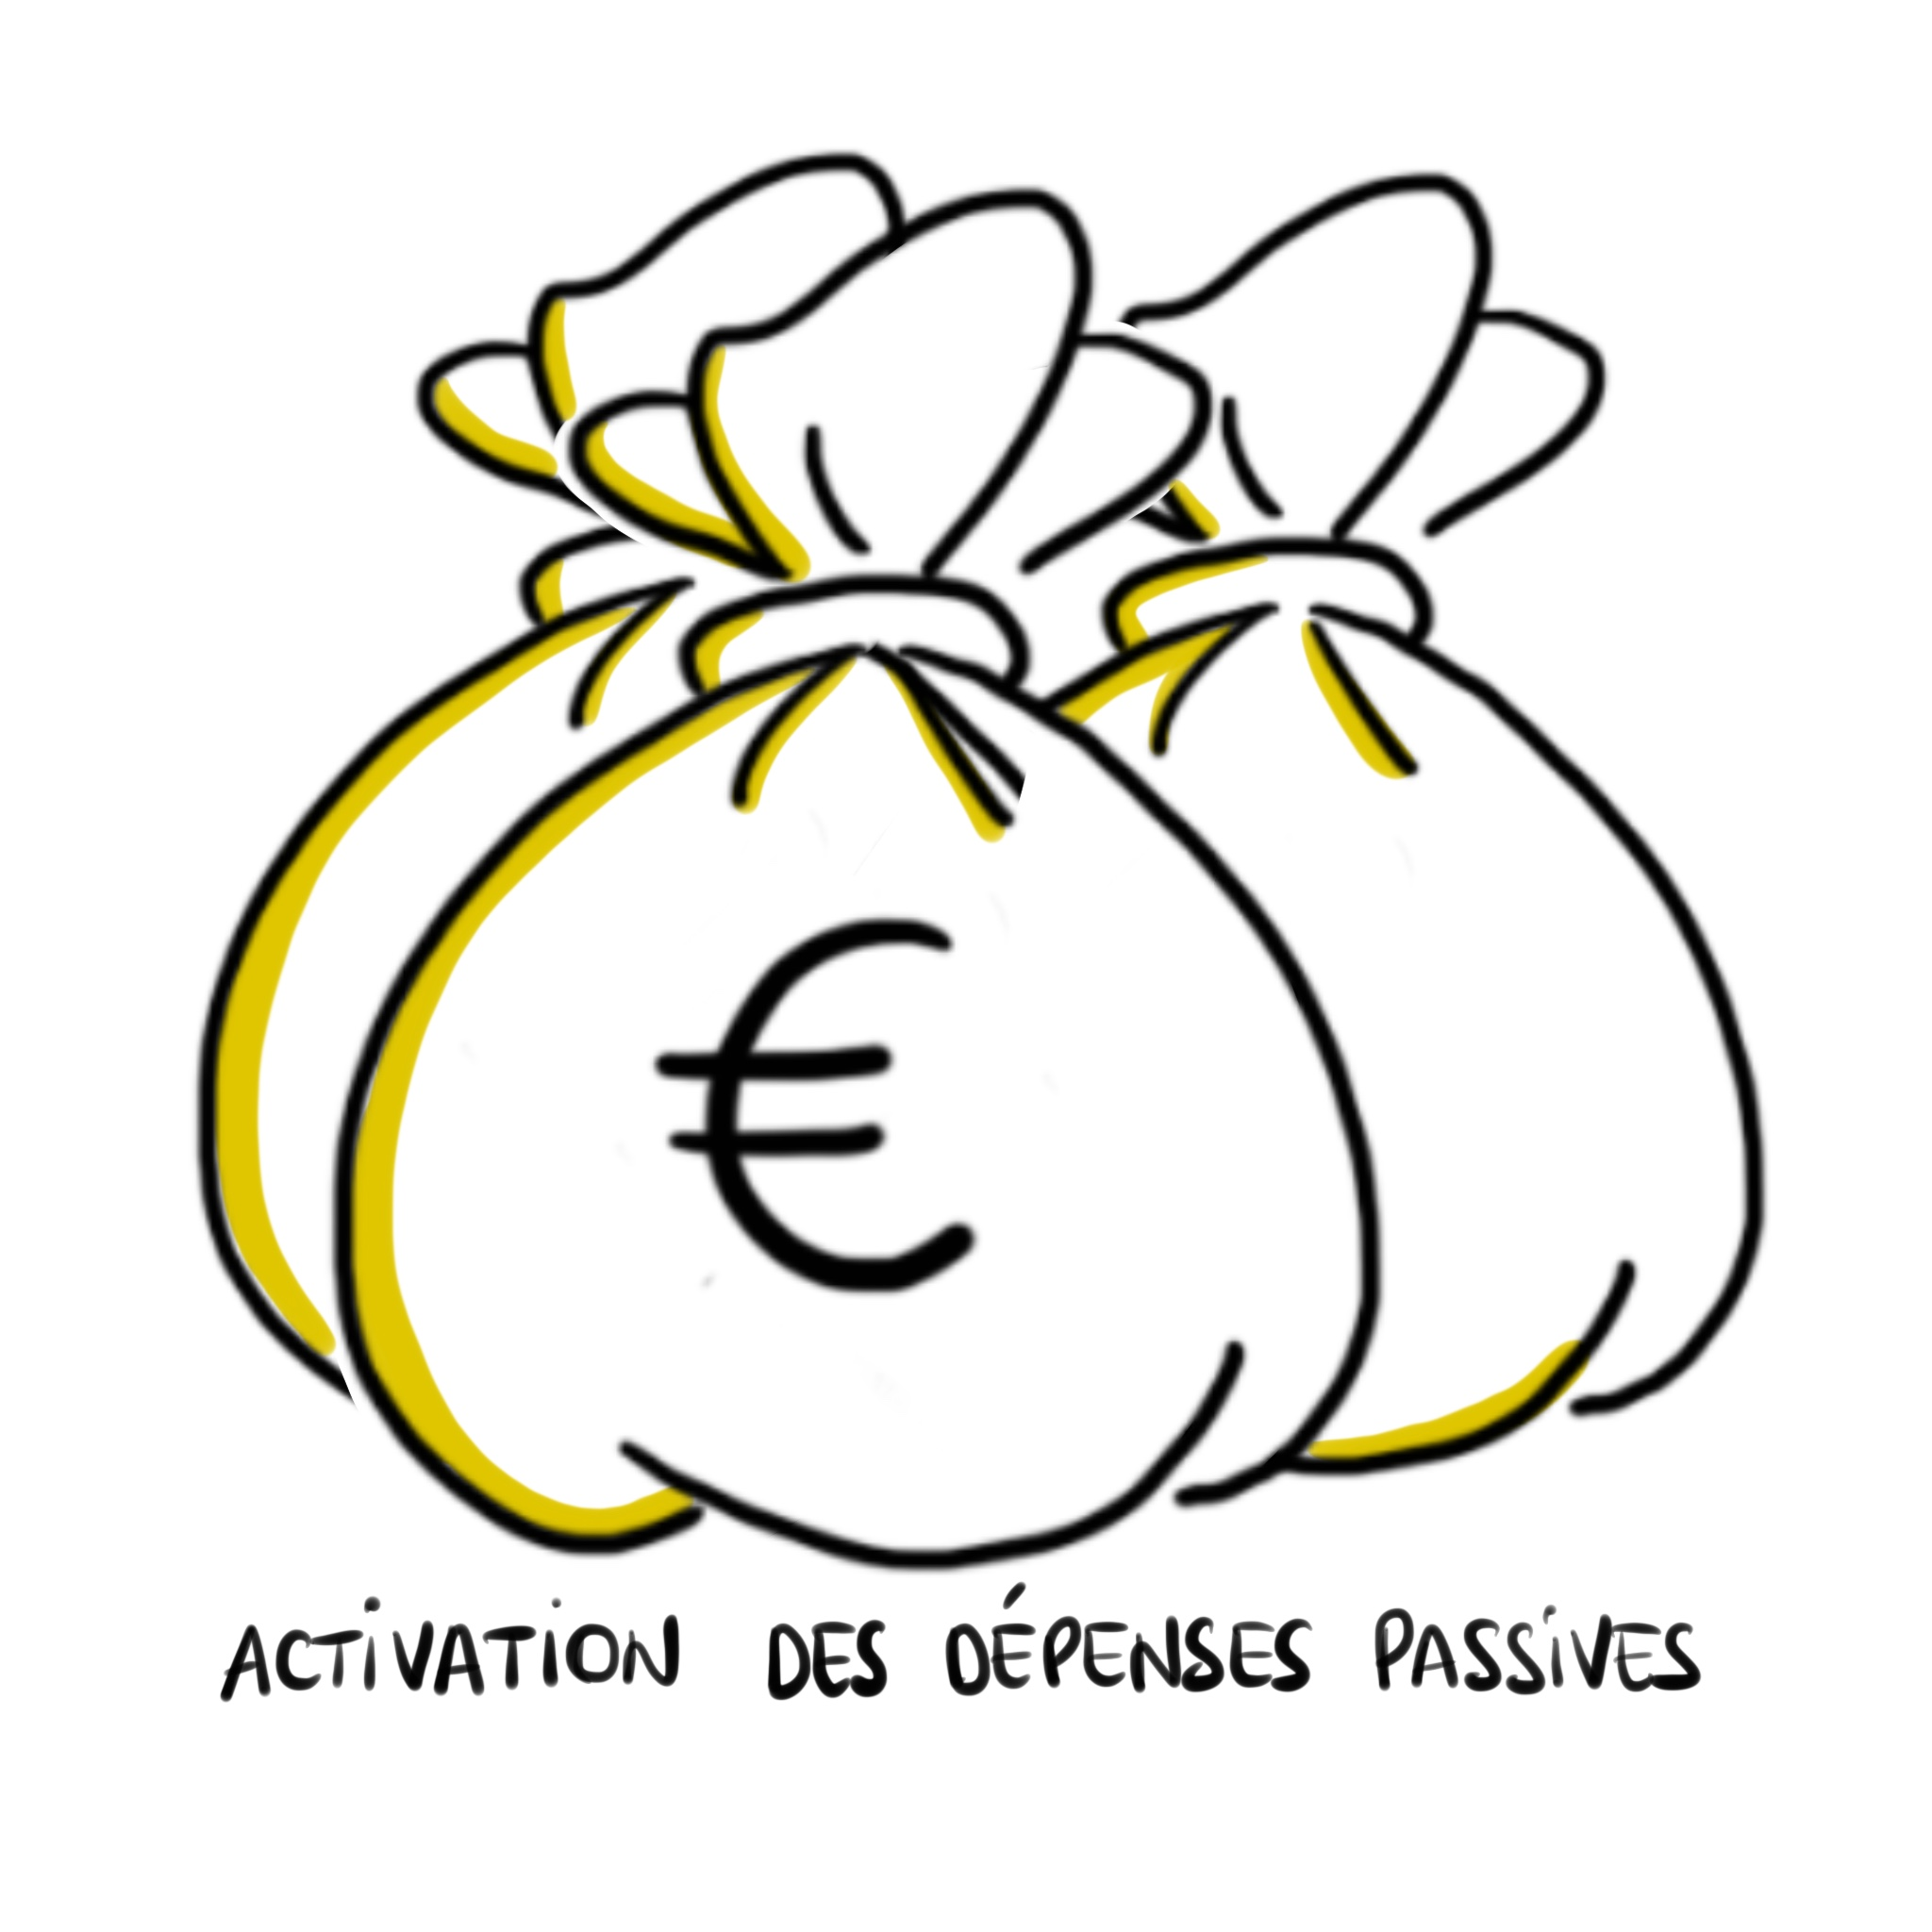 bourses activation des dépenses passives